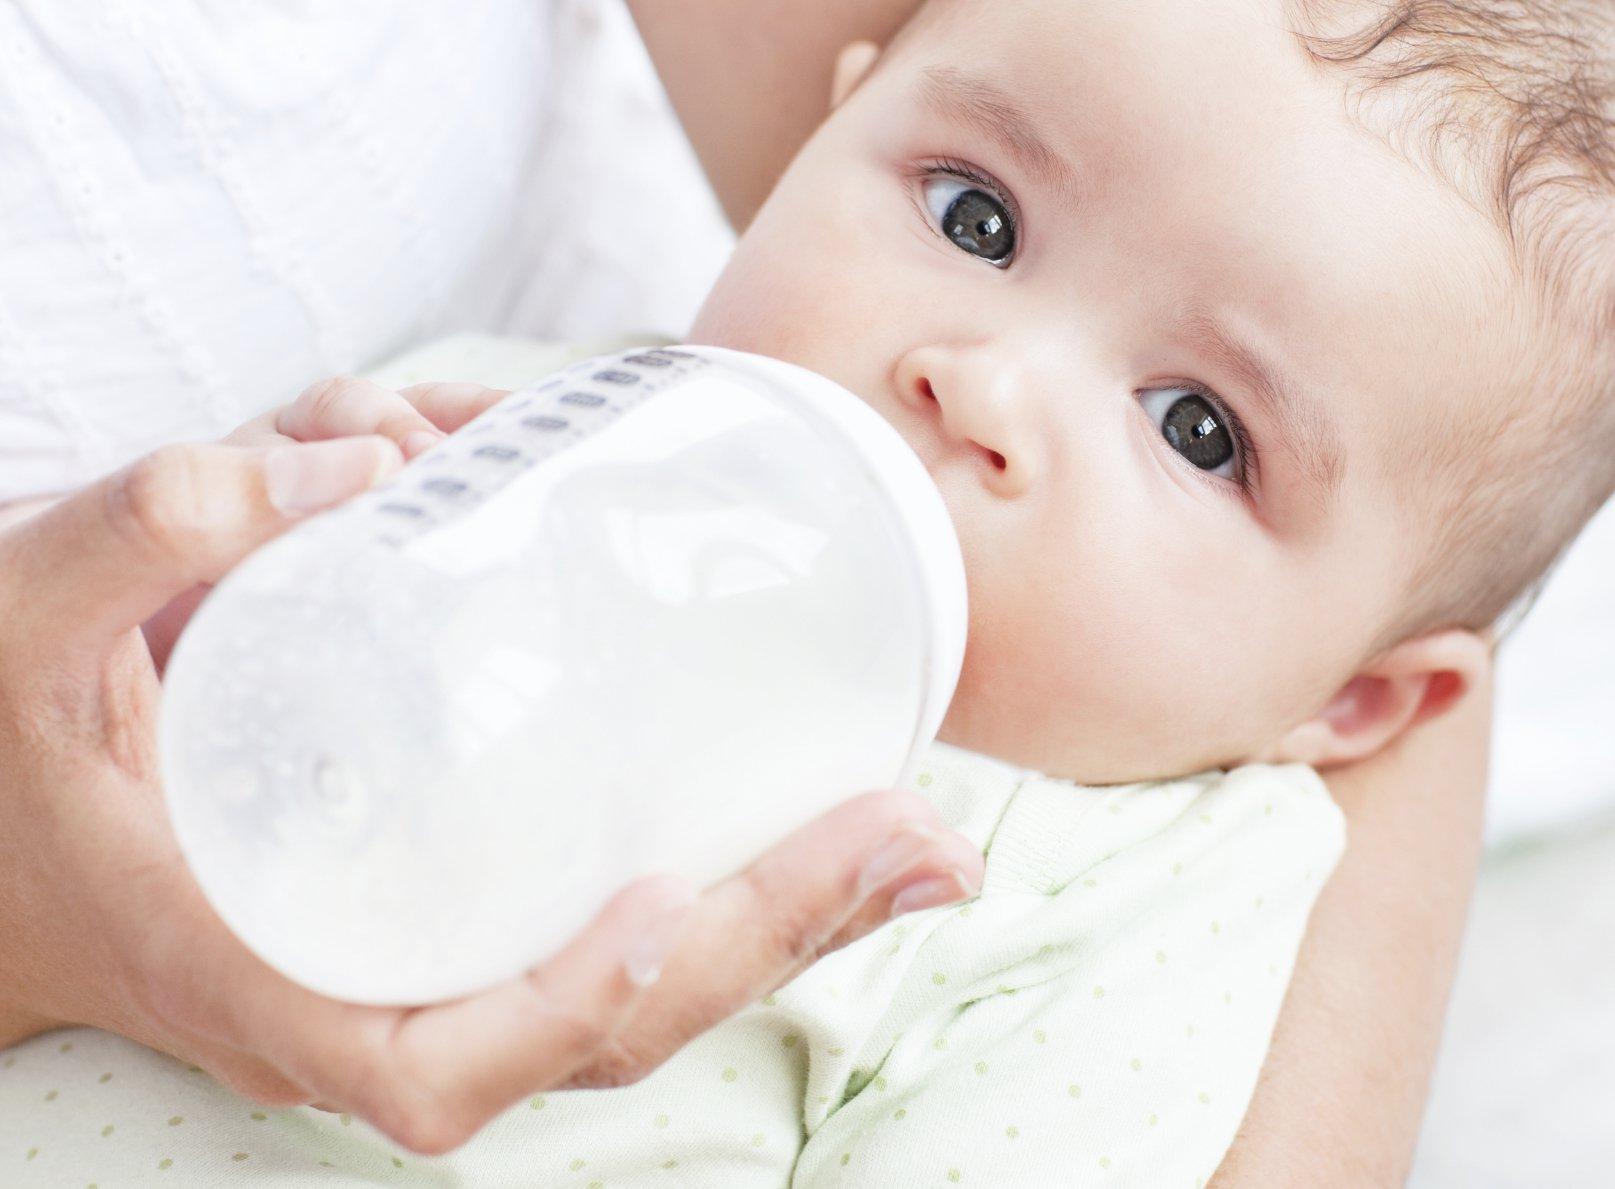 bottle feeding | American Pregnancy Association